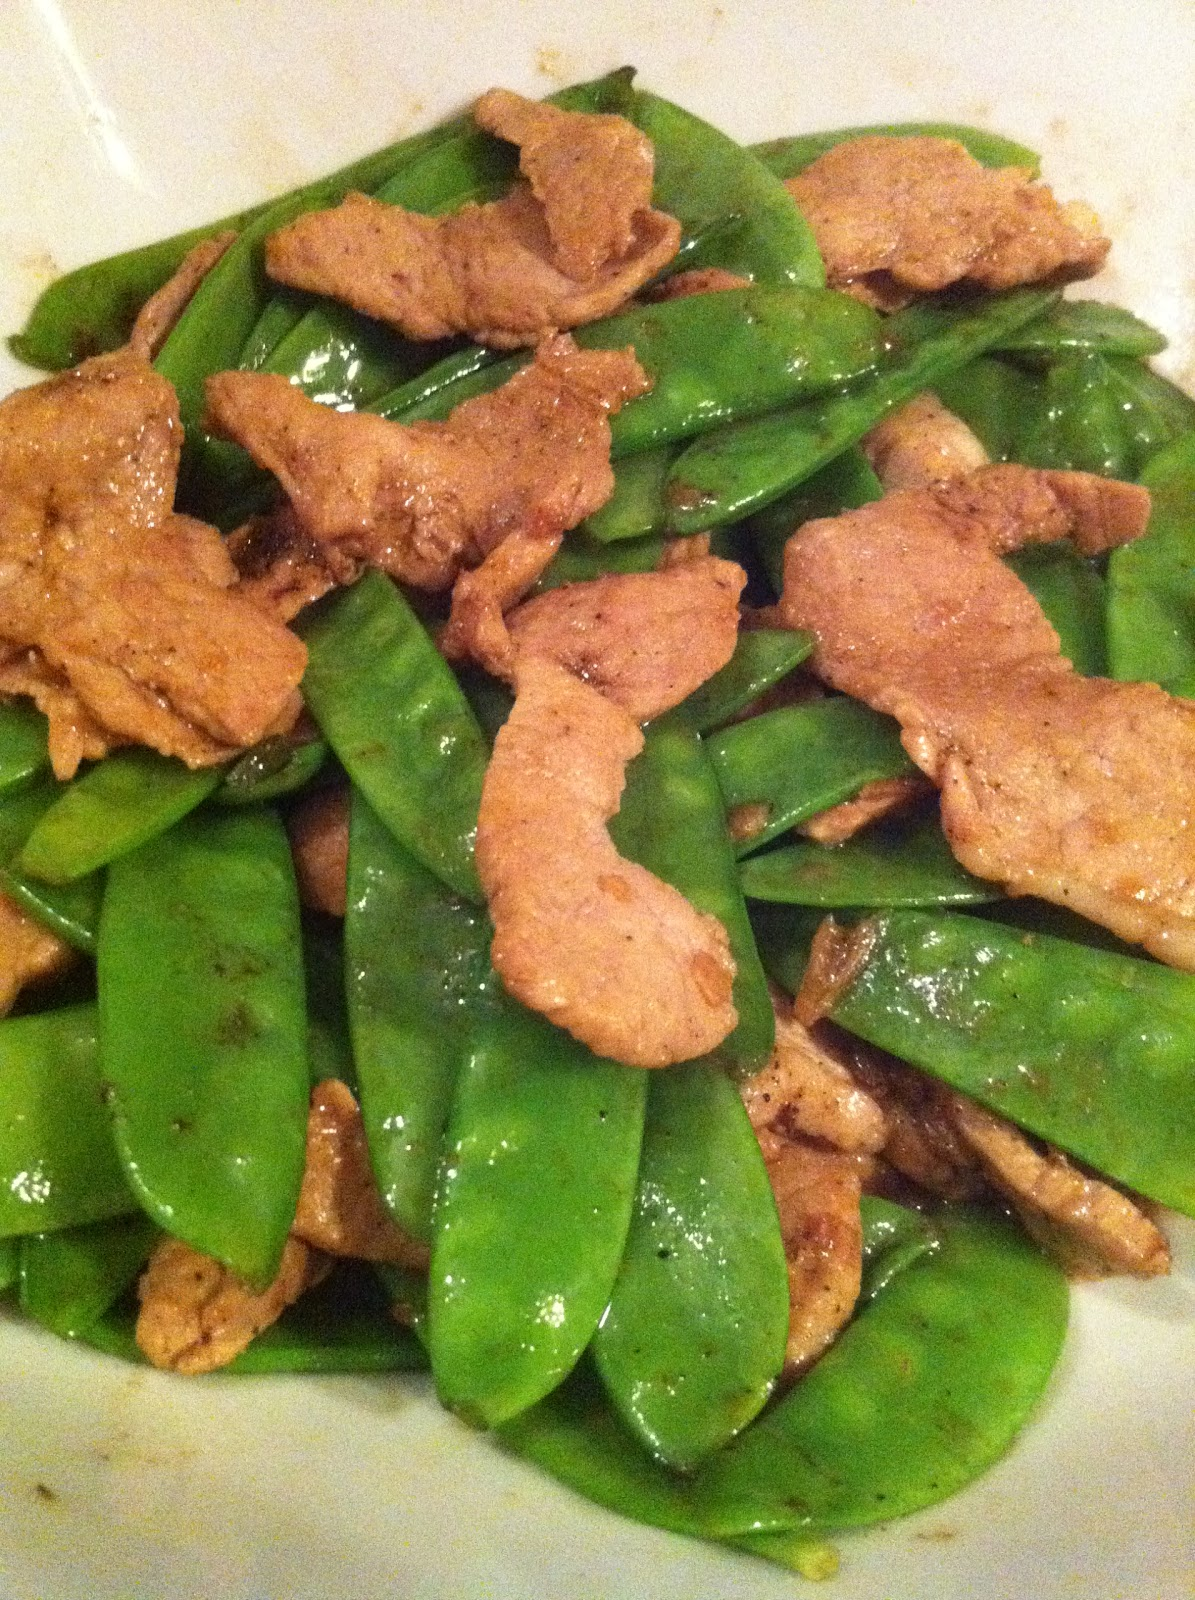 Home-made Cuisine: Stir-fried sugar snap peas with pork